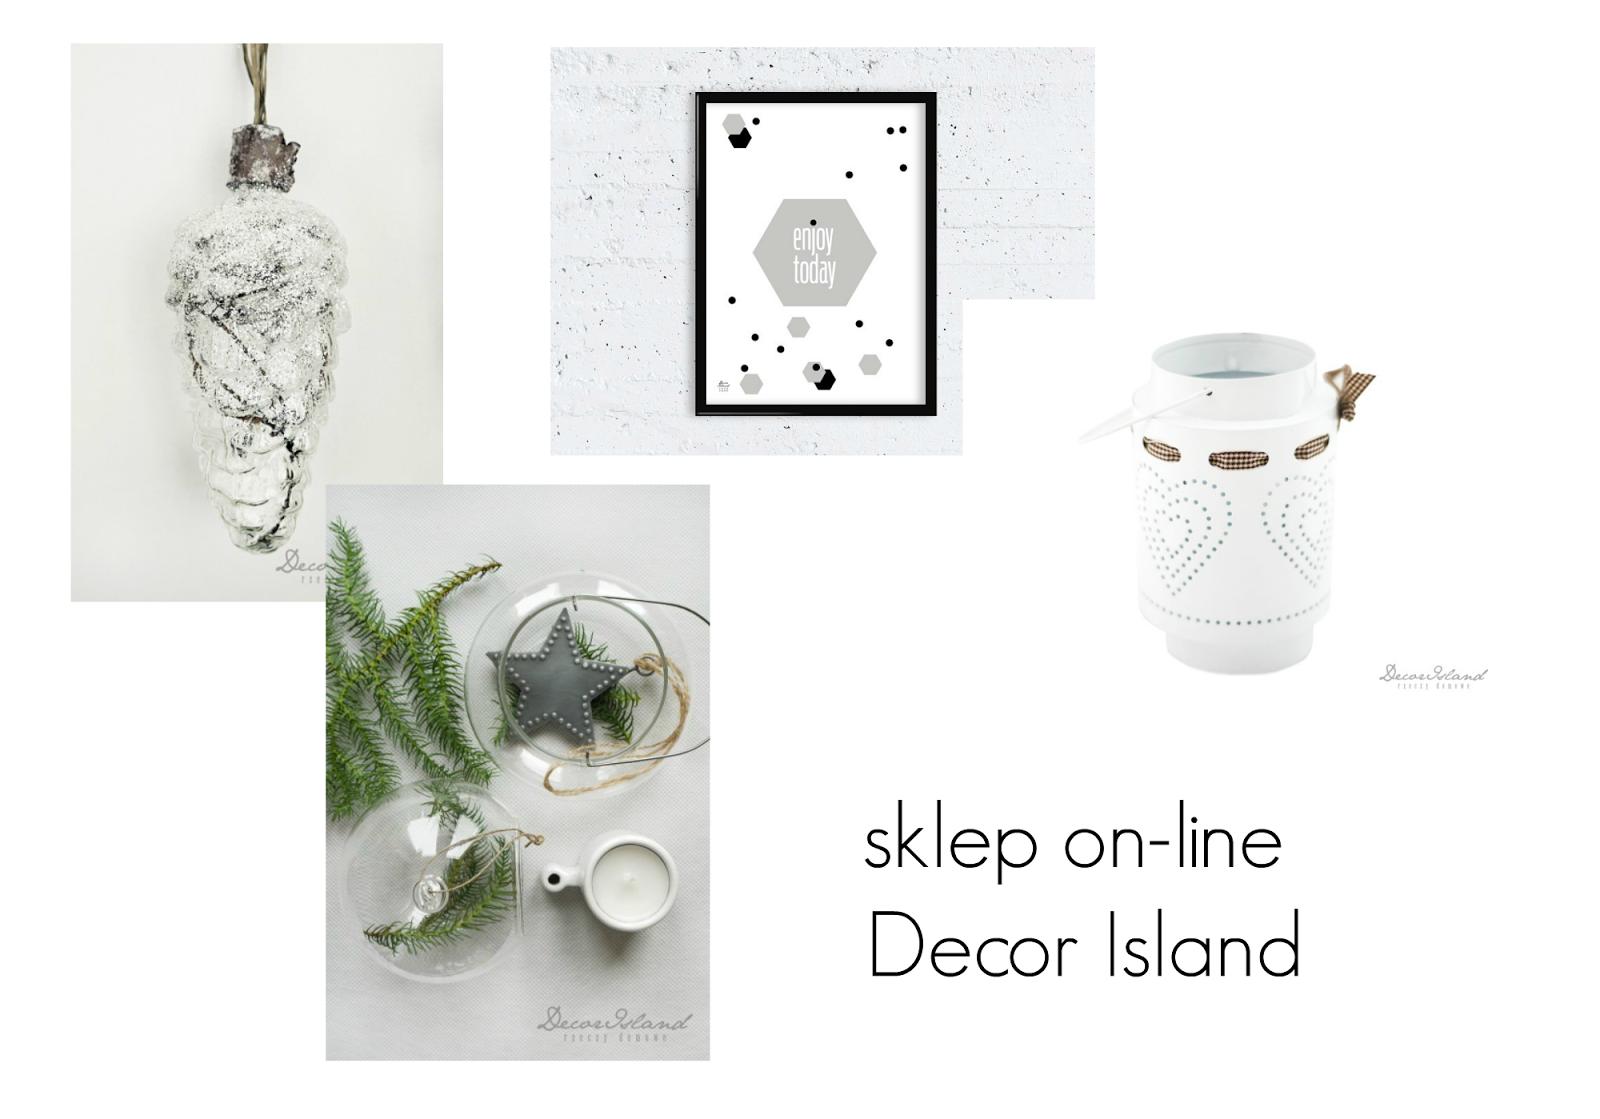 sklep decor island